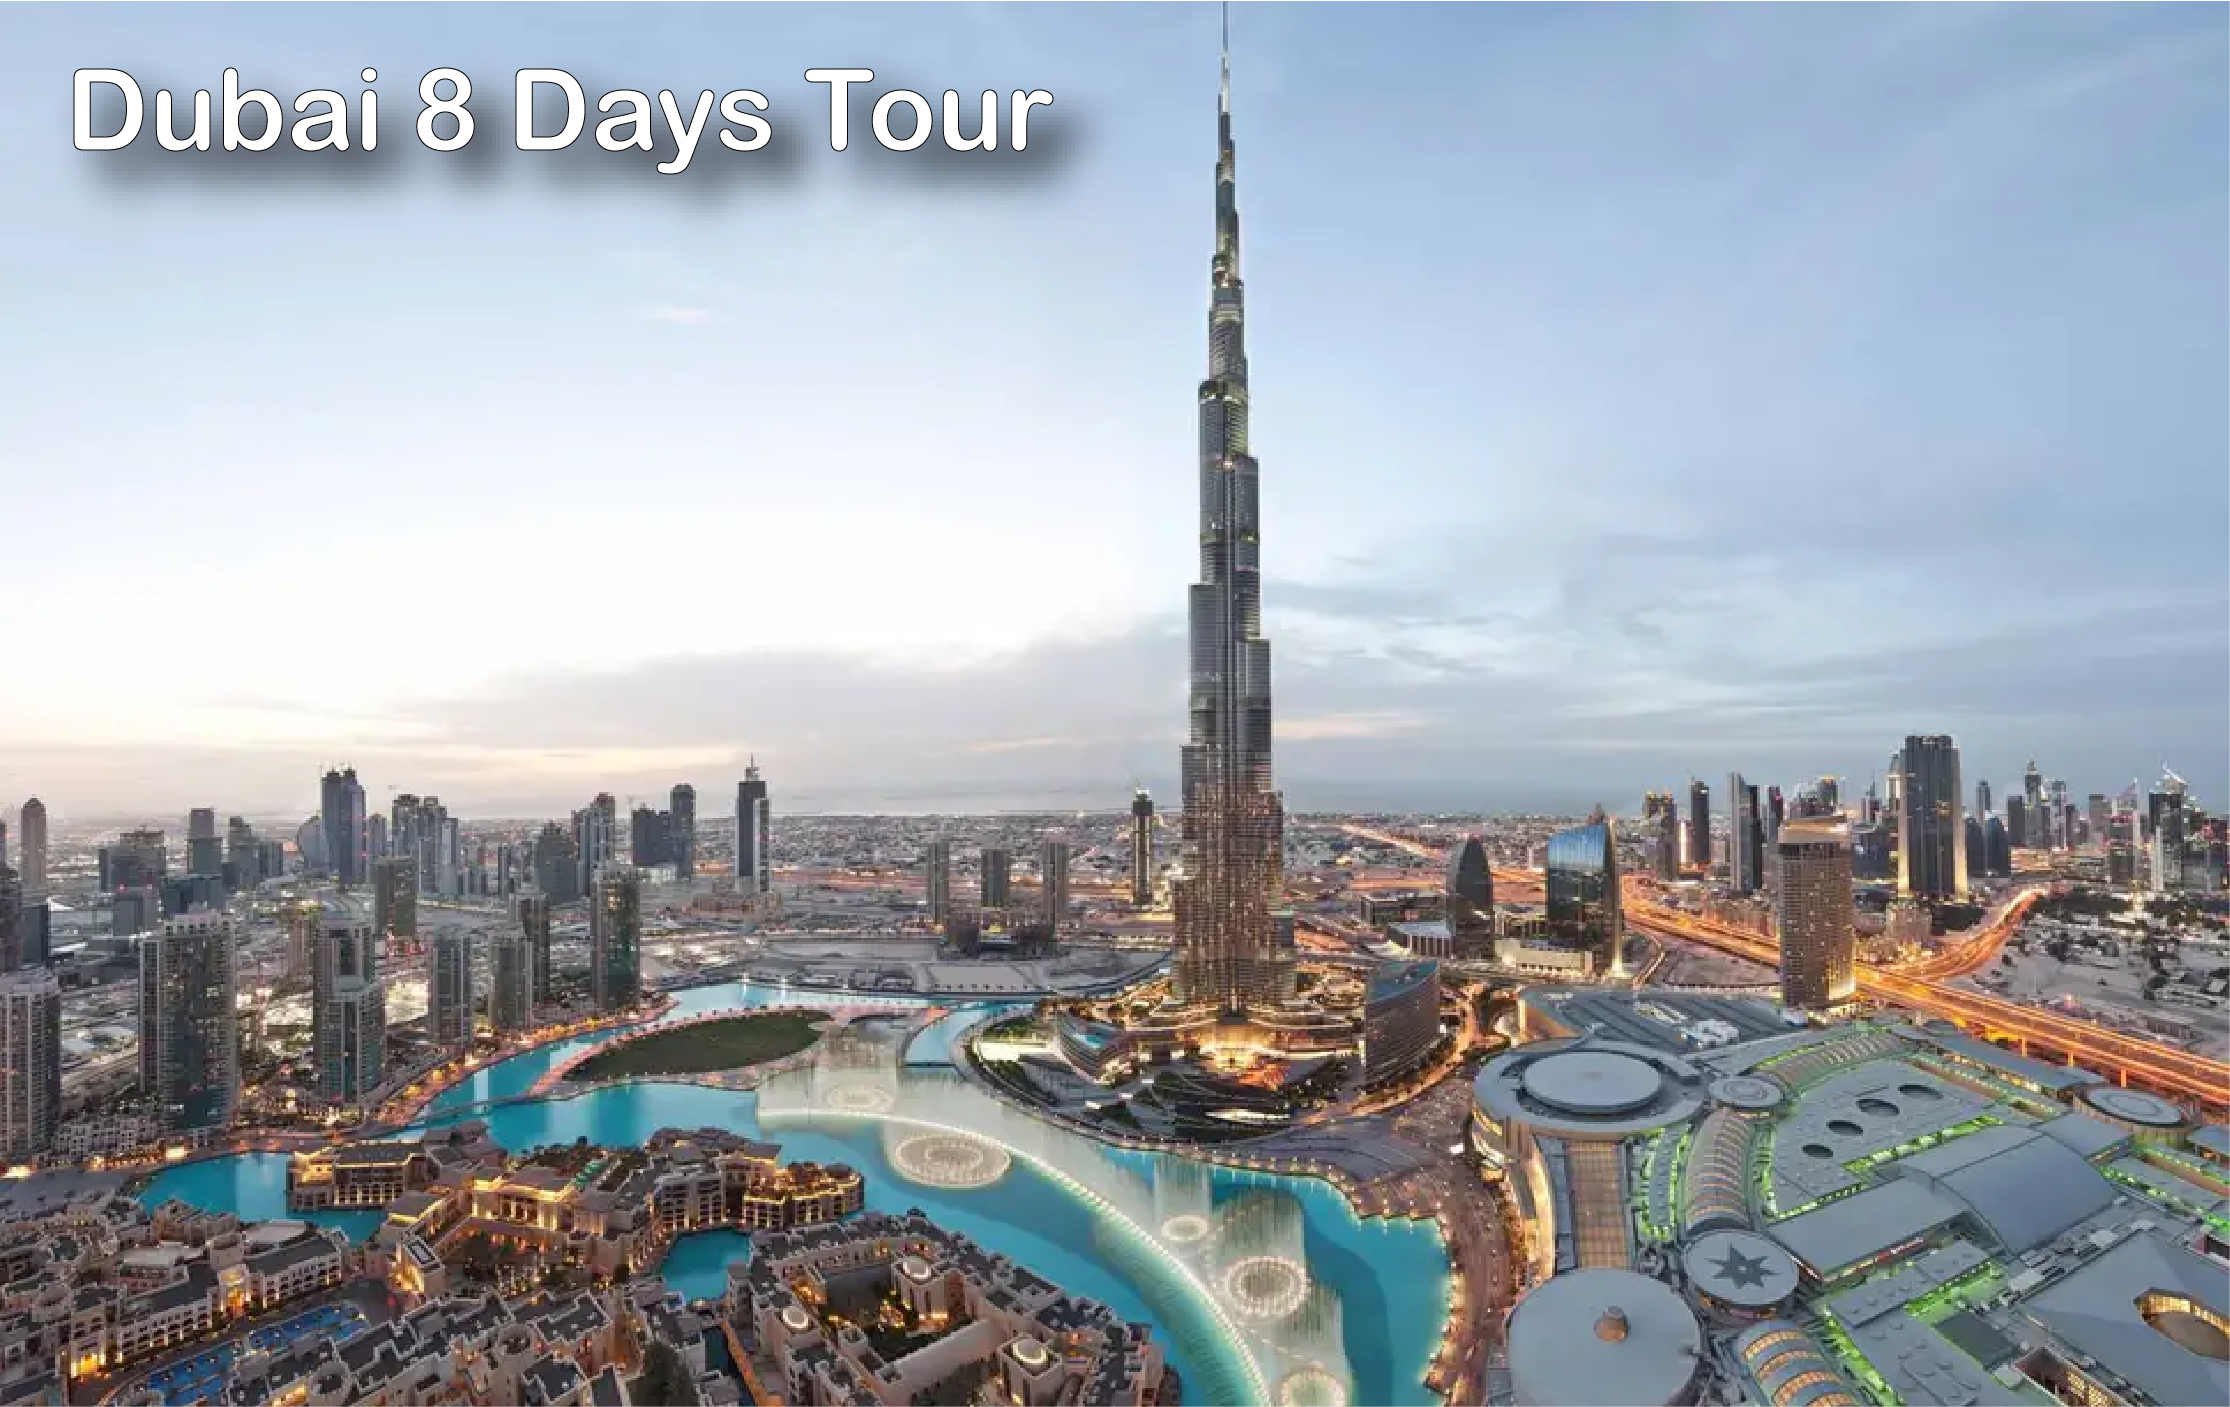 Dubai 8 Days Tour